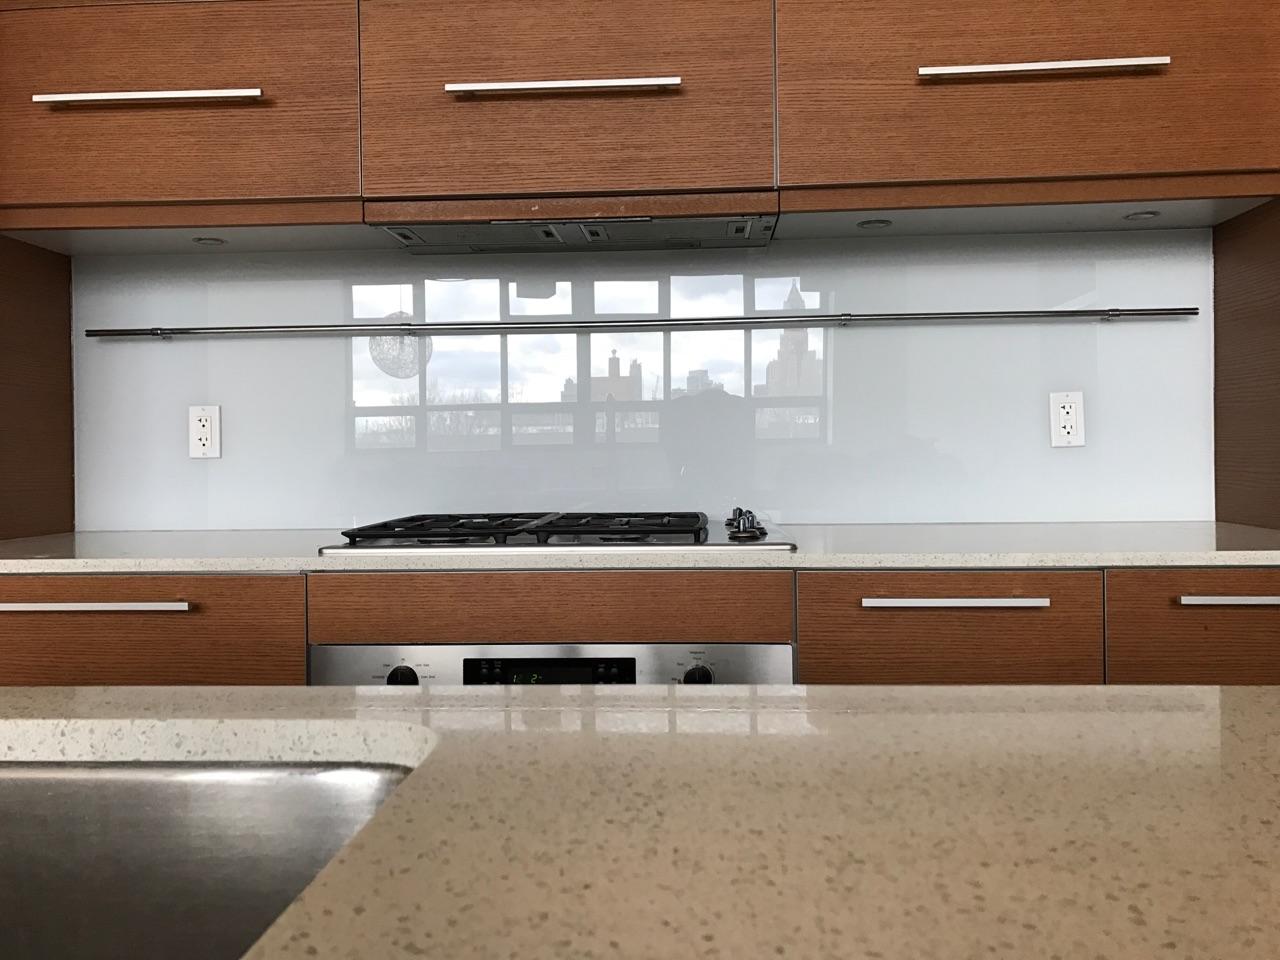 Glass Backsplash For Kitchen & Glass Backsplash For Kitchen | NEW YORK KITCHEN BACKSPLASH ...